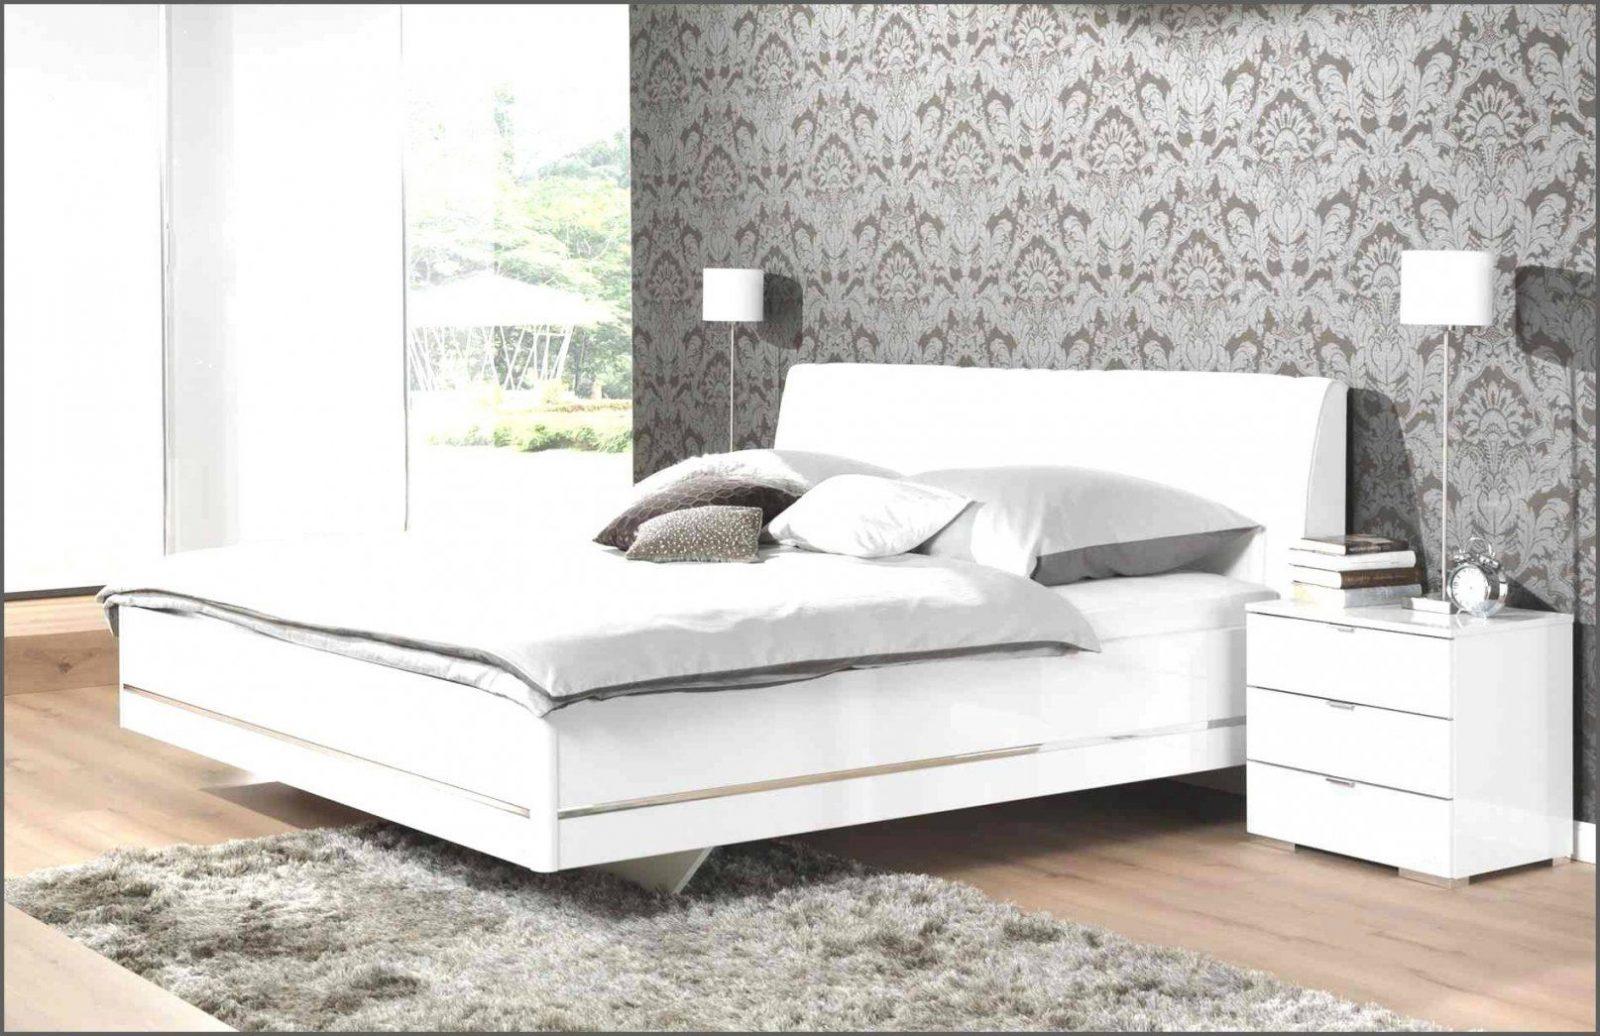 bett idee cool best wohnkultur haba bett rabeneck elegantes deko idee with deko ideen ber dem. Black Bedroom Furniture Sets. Home Design Ideas